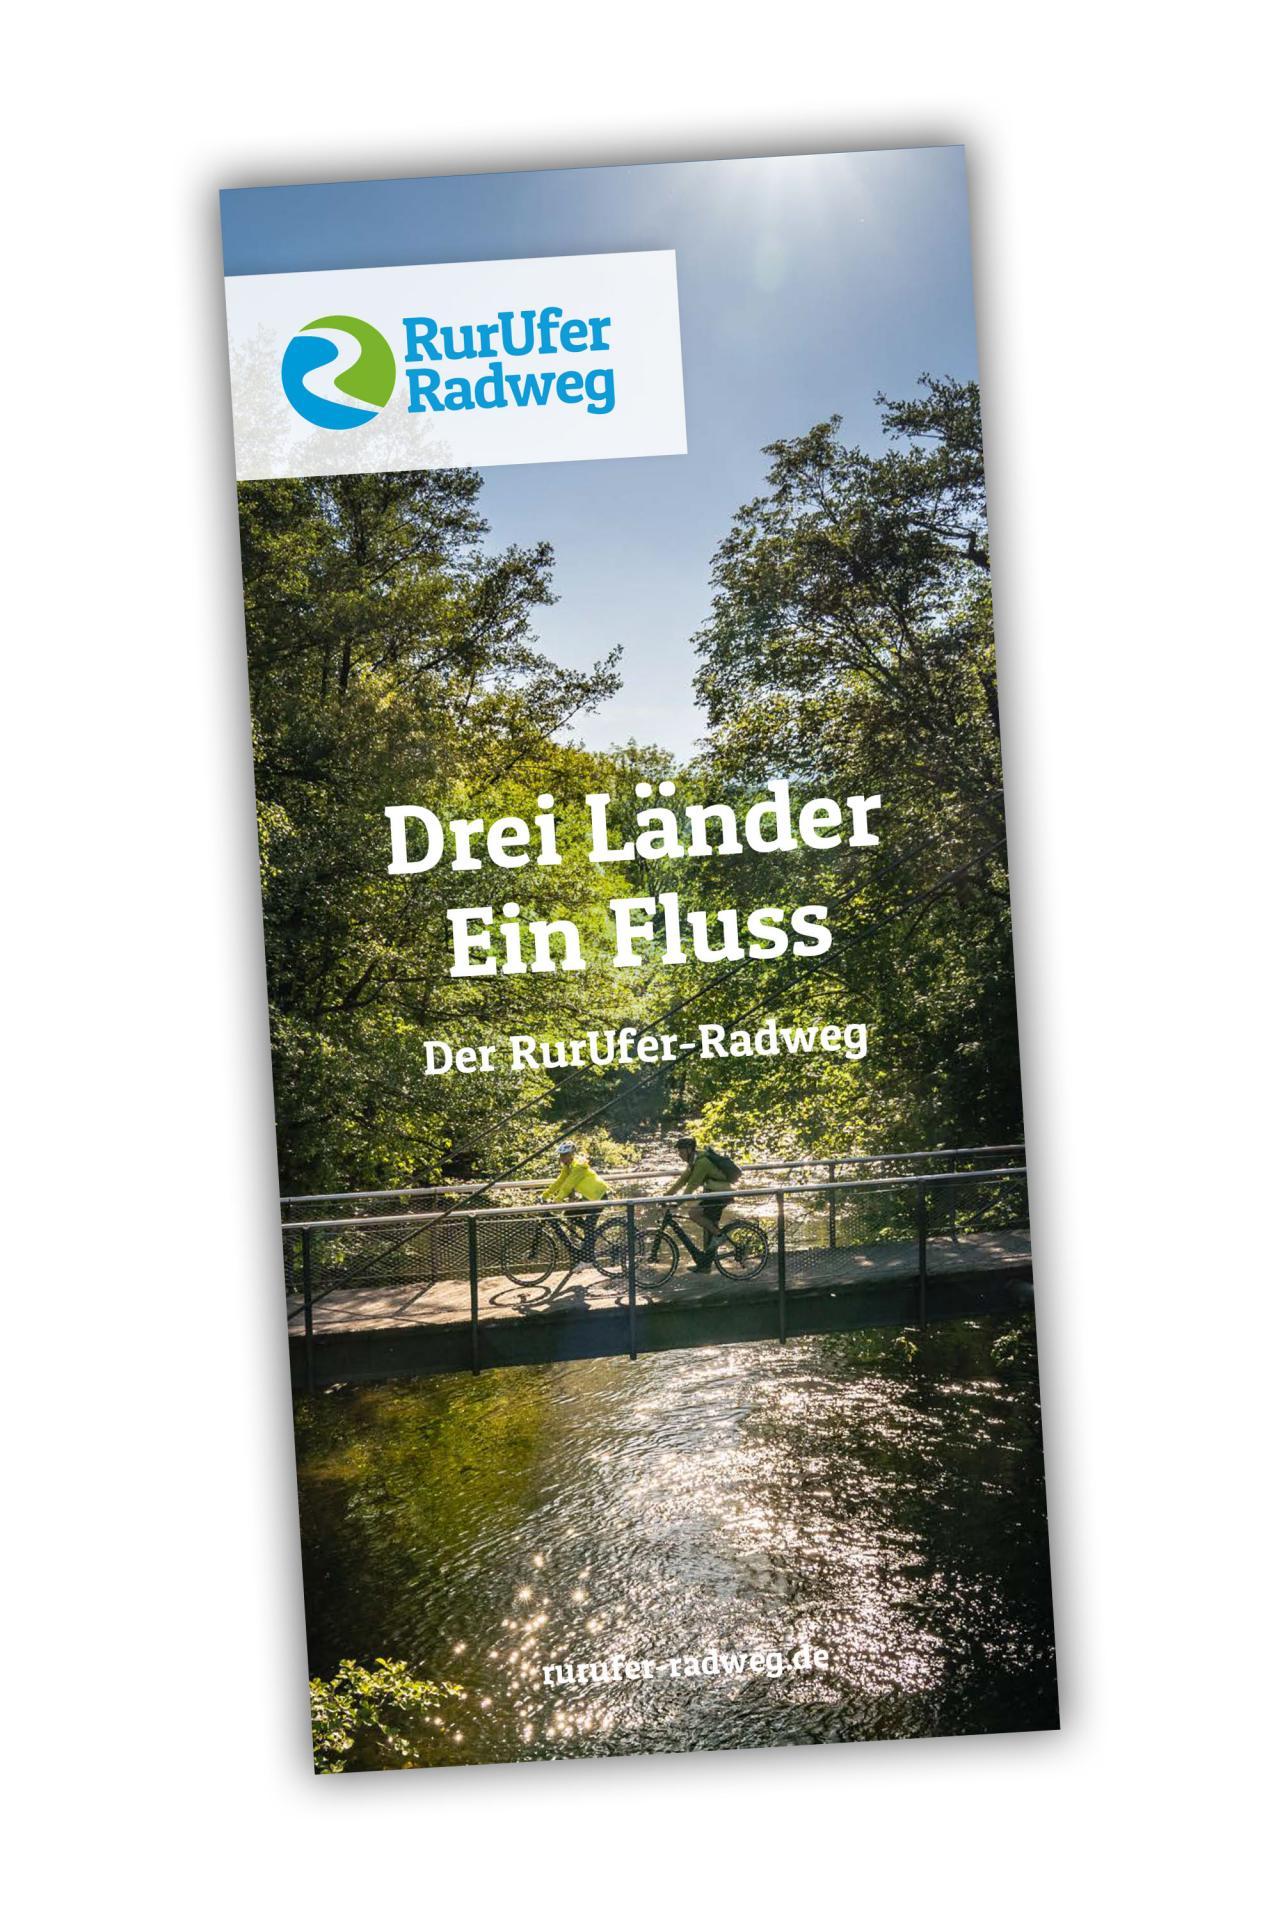 RurUfer-Radweg Karte